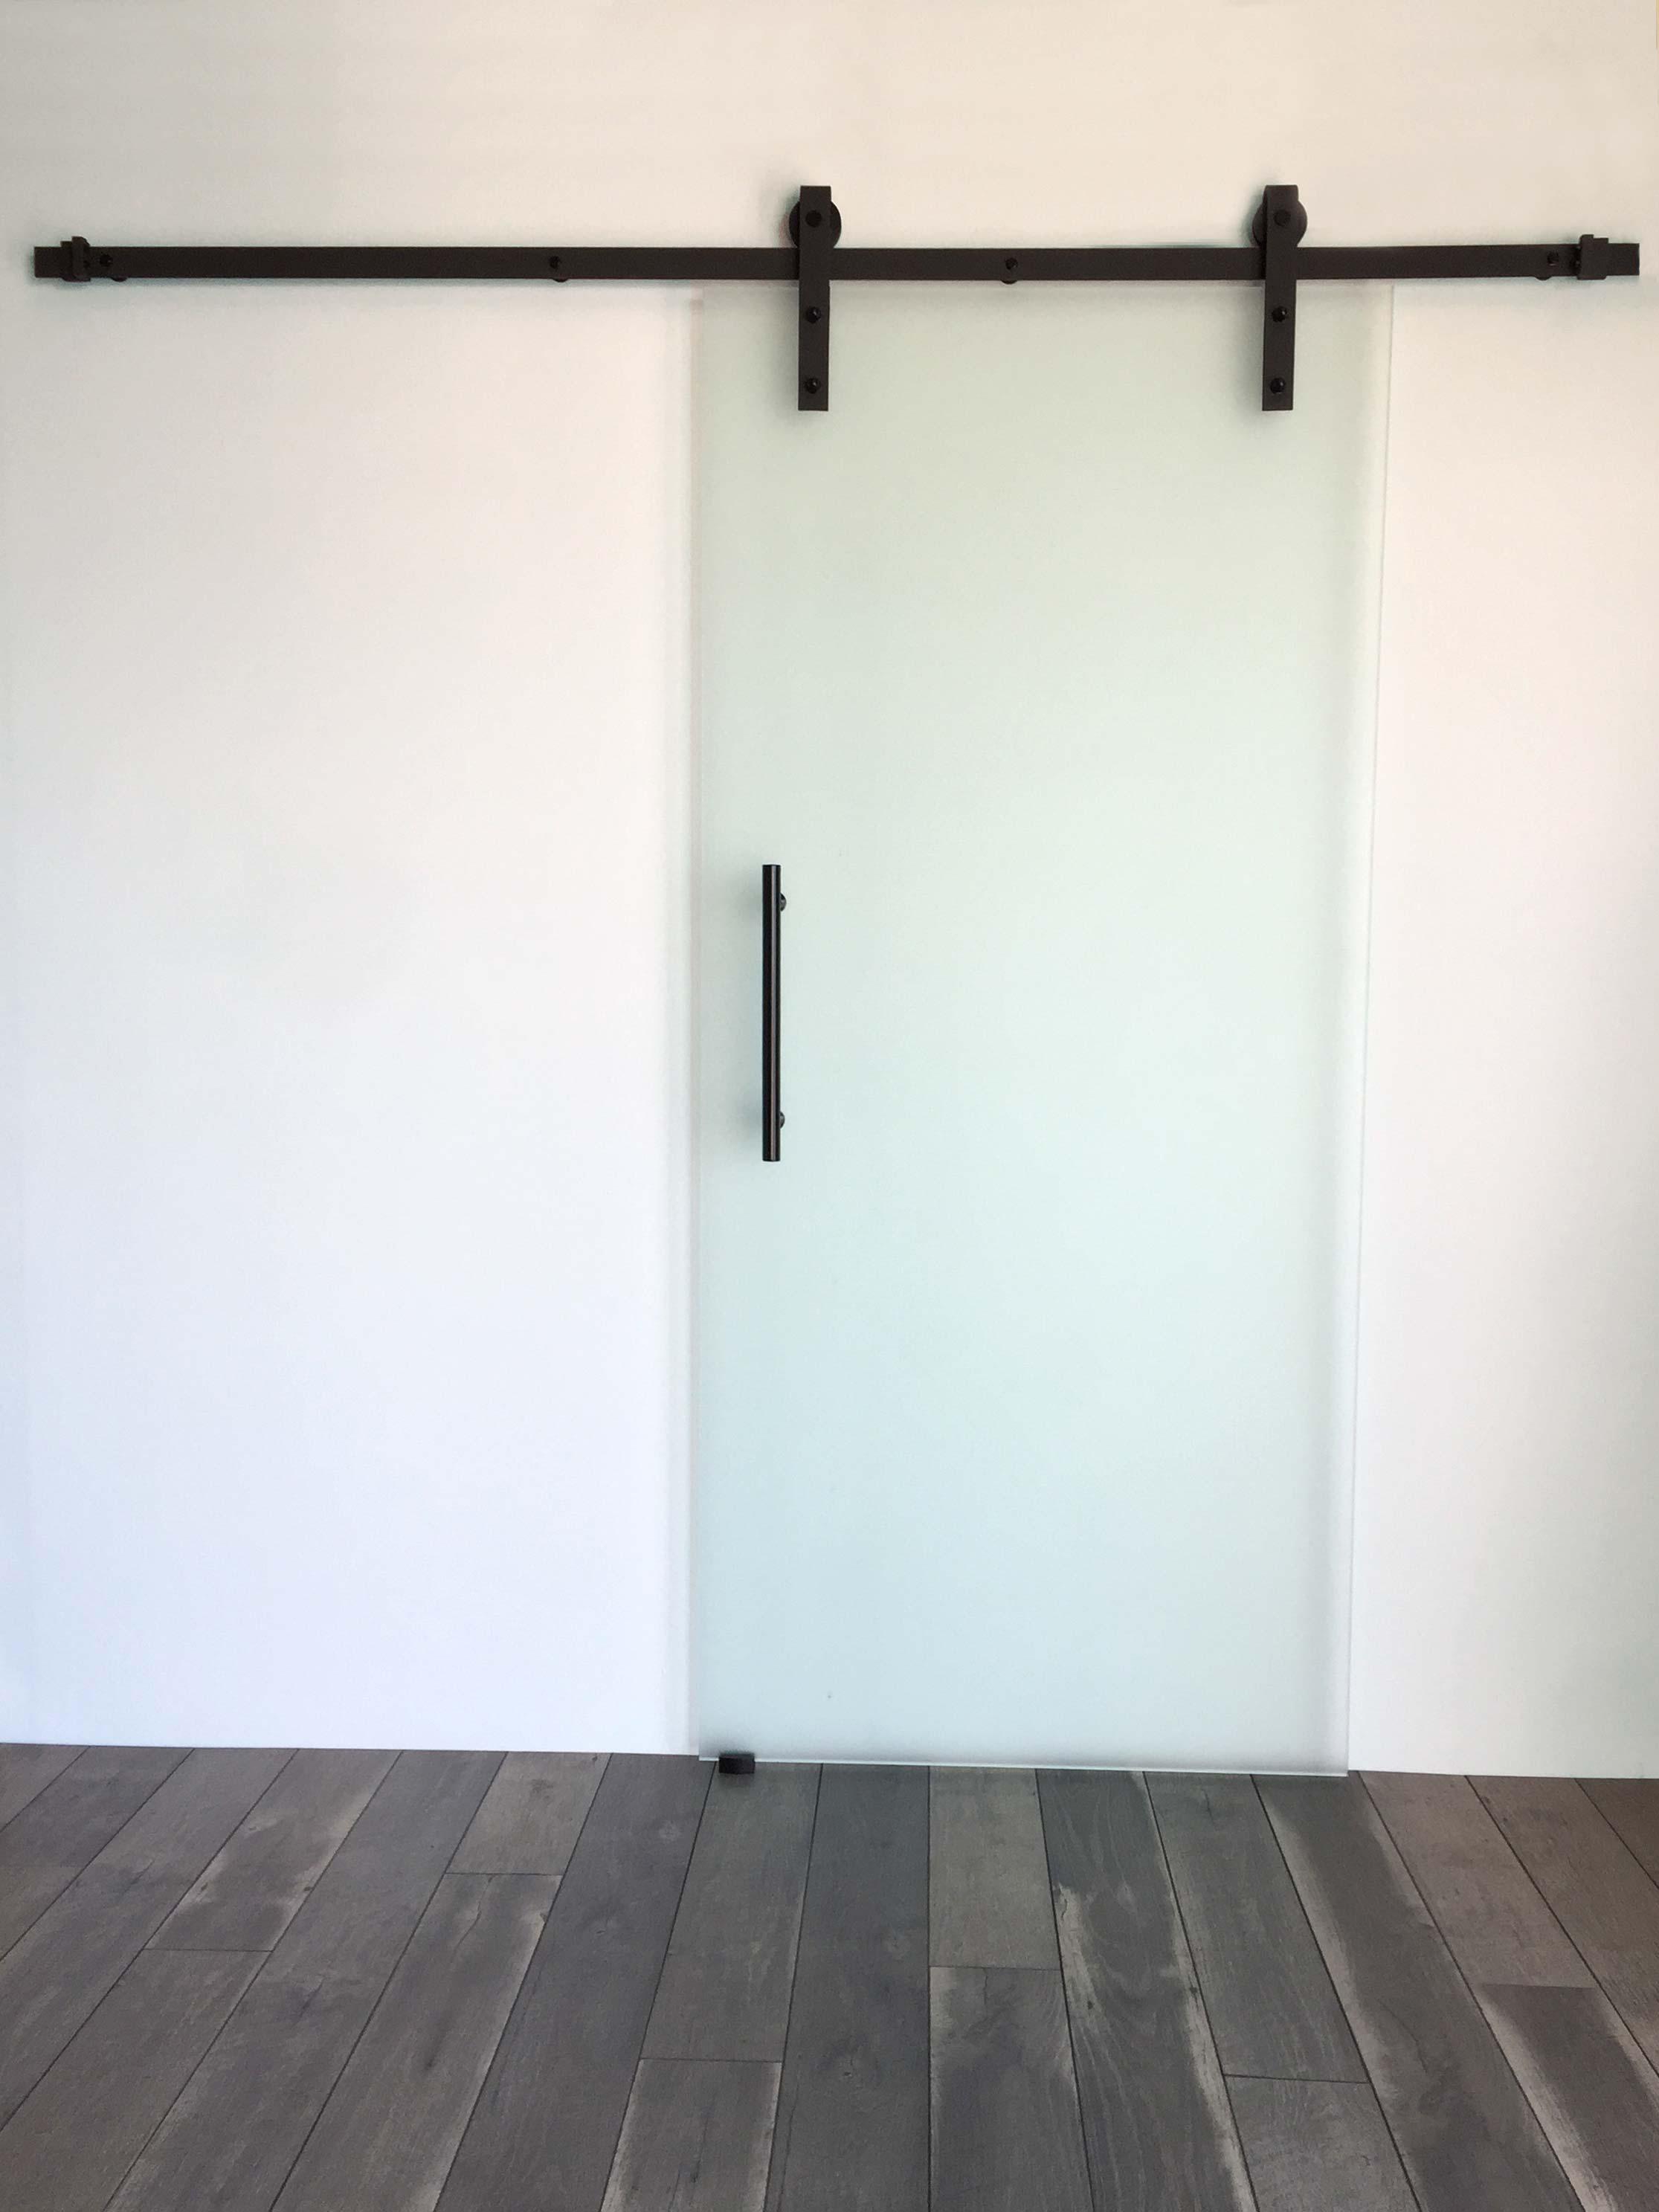 Black Industrial Frameless  Single. Standard Screen Door Sizes. Sliding Door Latch. French Storm Doors. Sliding Door Kit. Genie Garage Door Opener Model 2022. Bookcase With Doors. Patio Door Window Treatment Ideas. Frameless Shower Doors Lowes